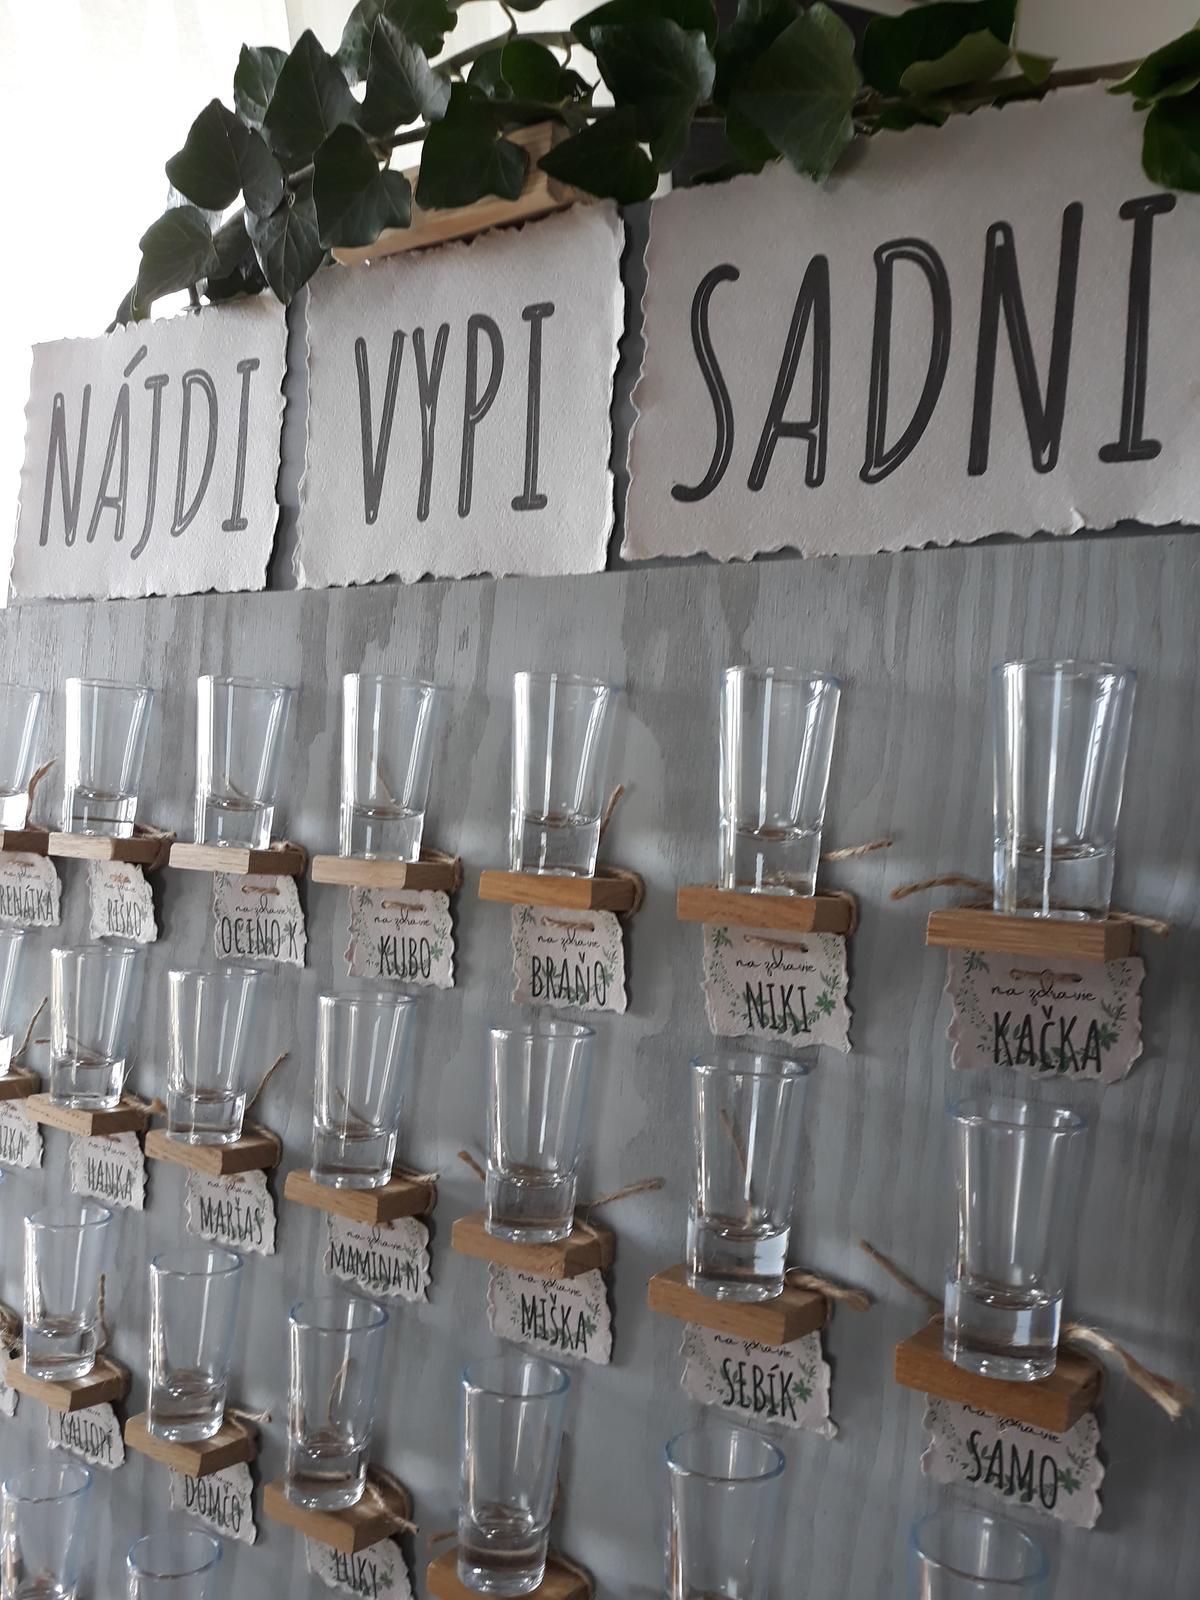 Prípitková stena / Welcome drink wall - Obrázok č. 1